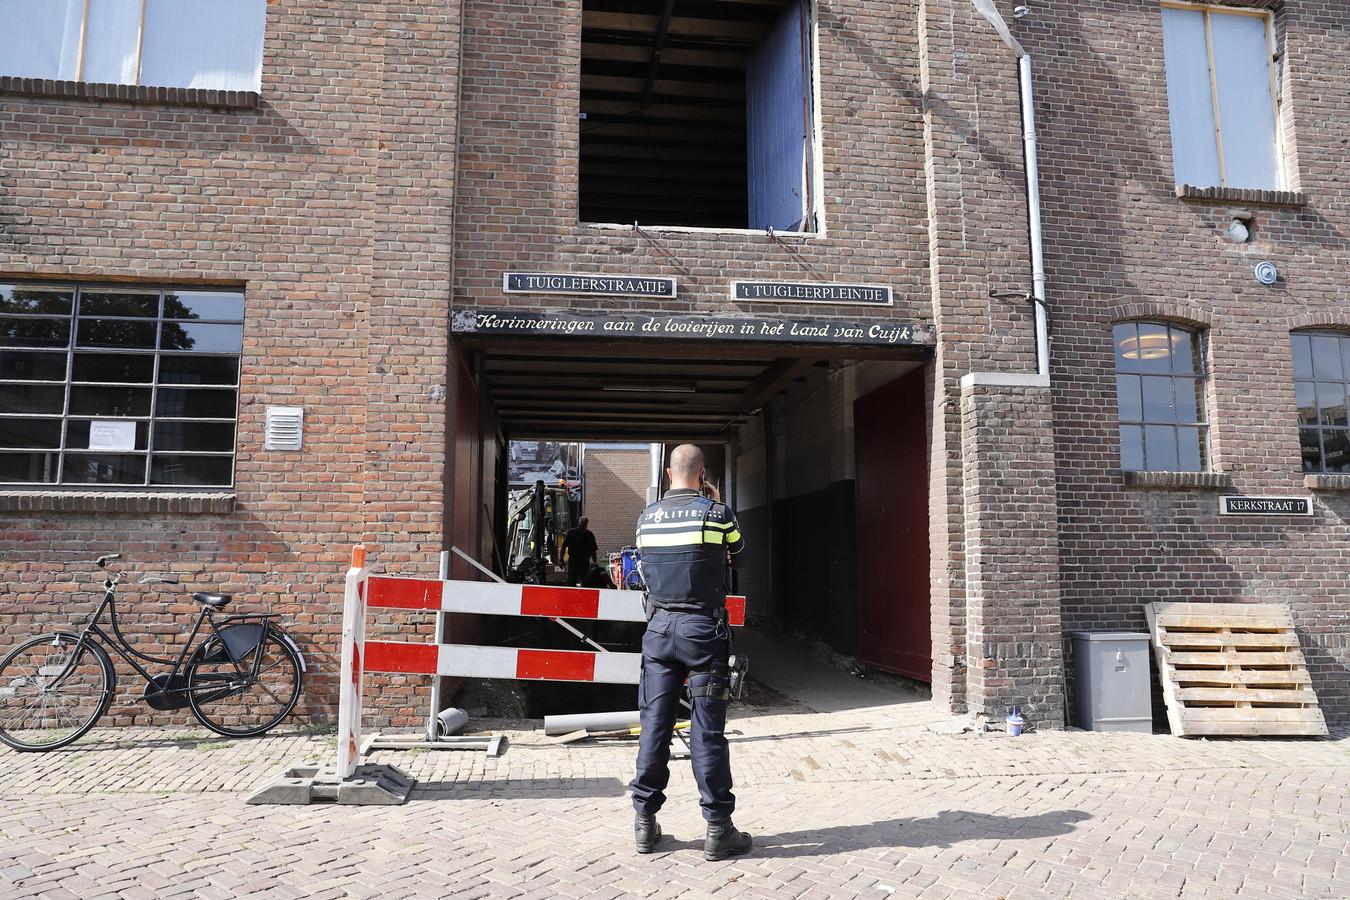 De politie zoekt nog naar de dader van de beroving op de Kerkstraat, nabij het Tuigleerstraatje in Cuijk.